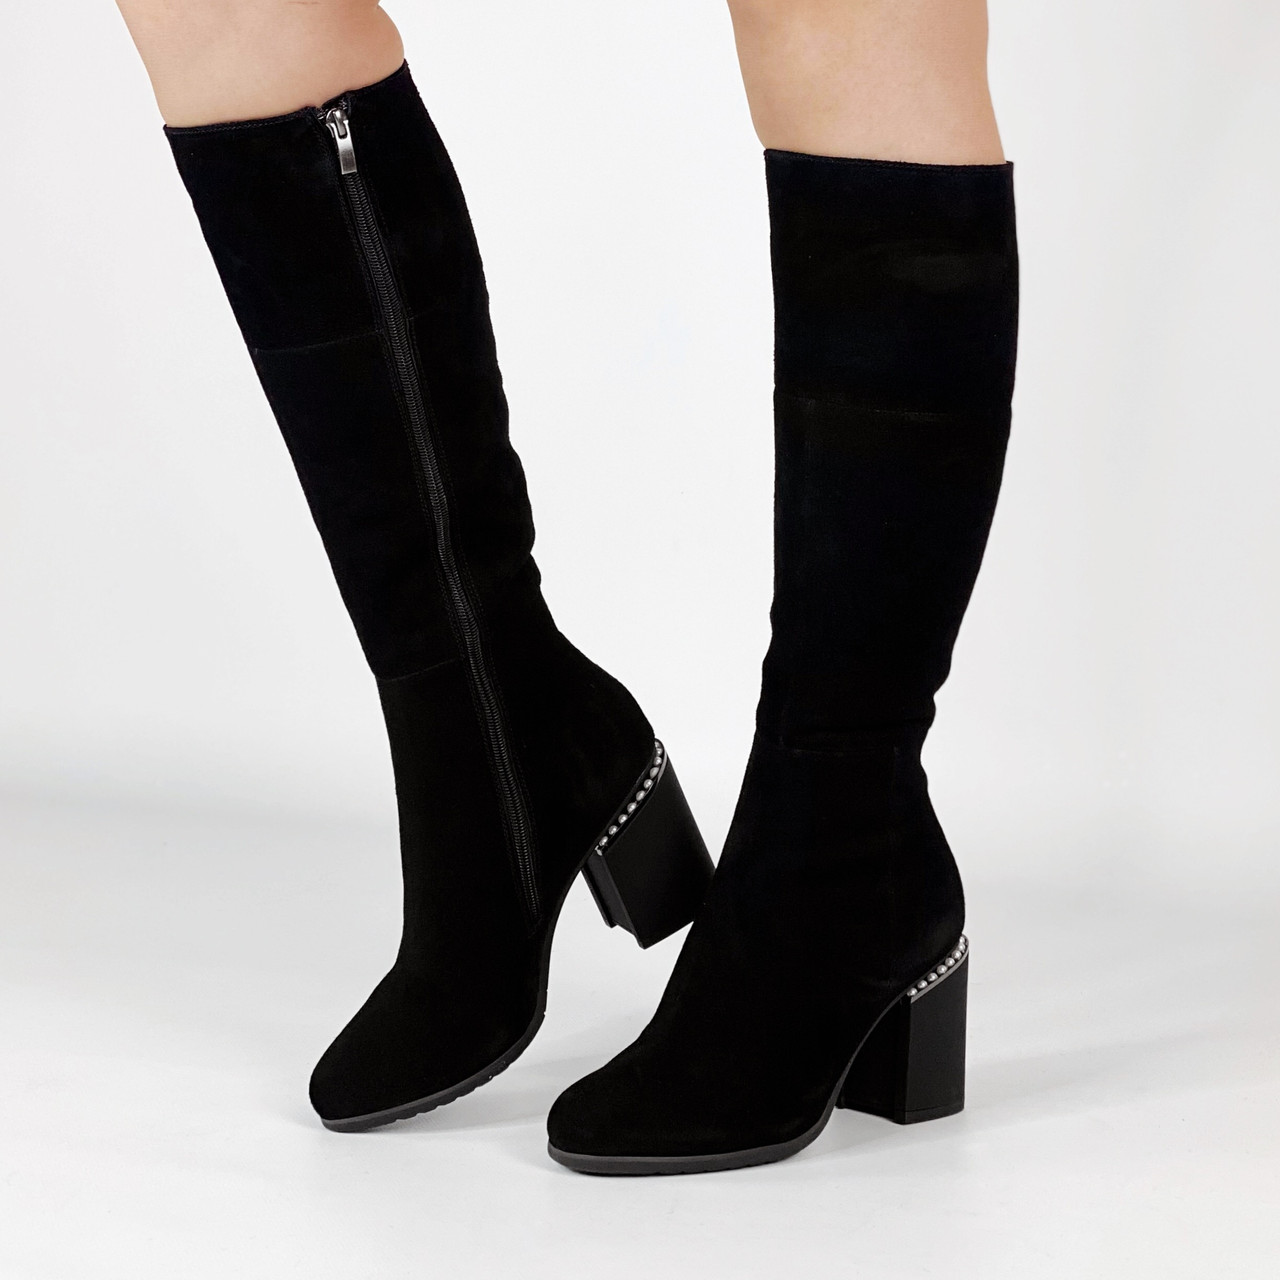 Сапоги женские замшевые черные на каблуке с жемчугом MORENTO зимние